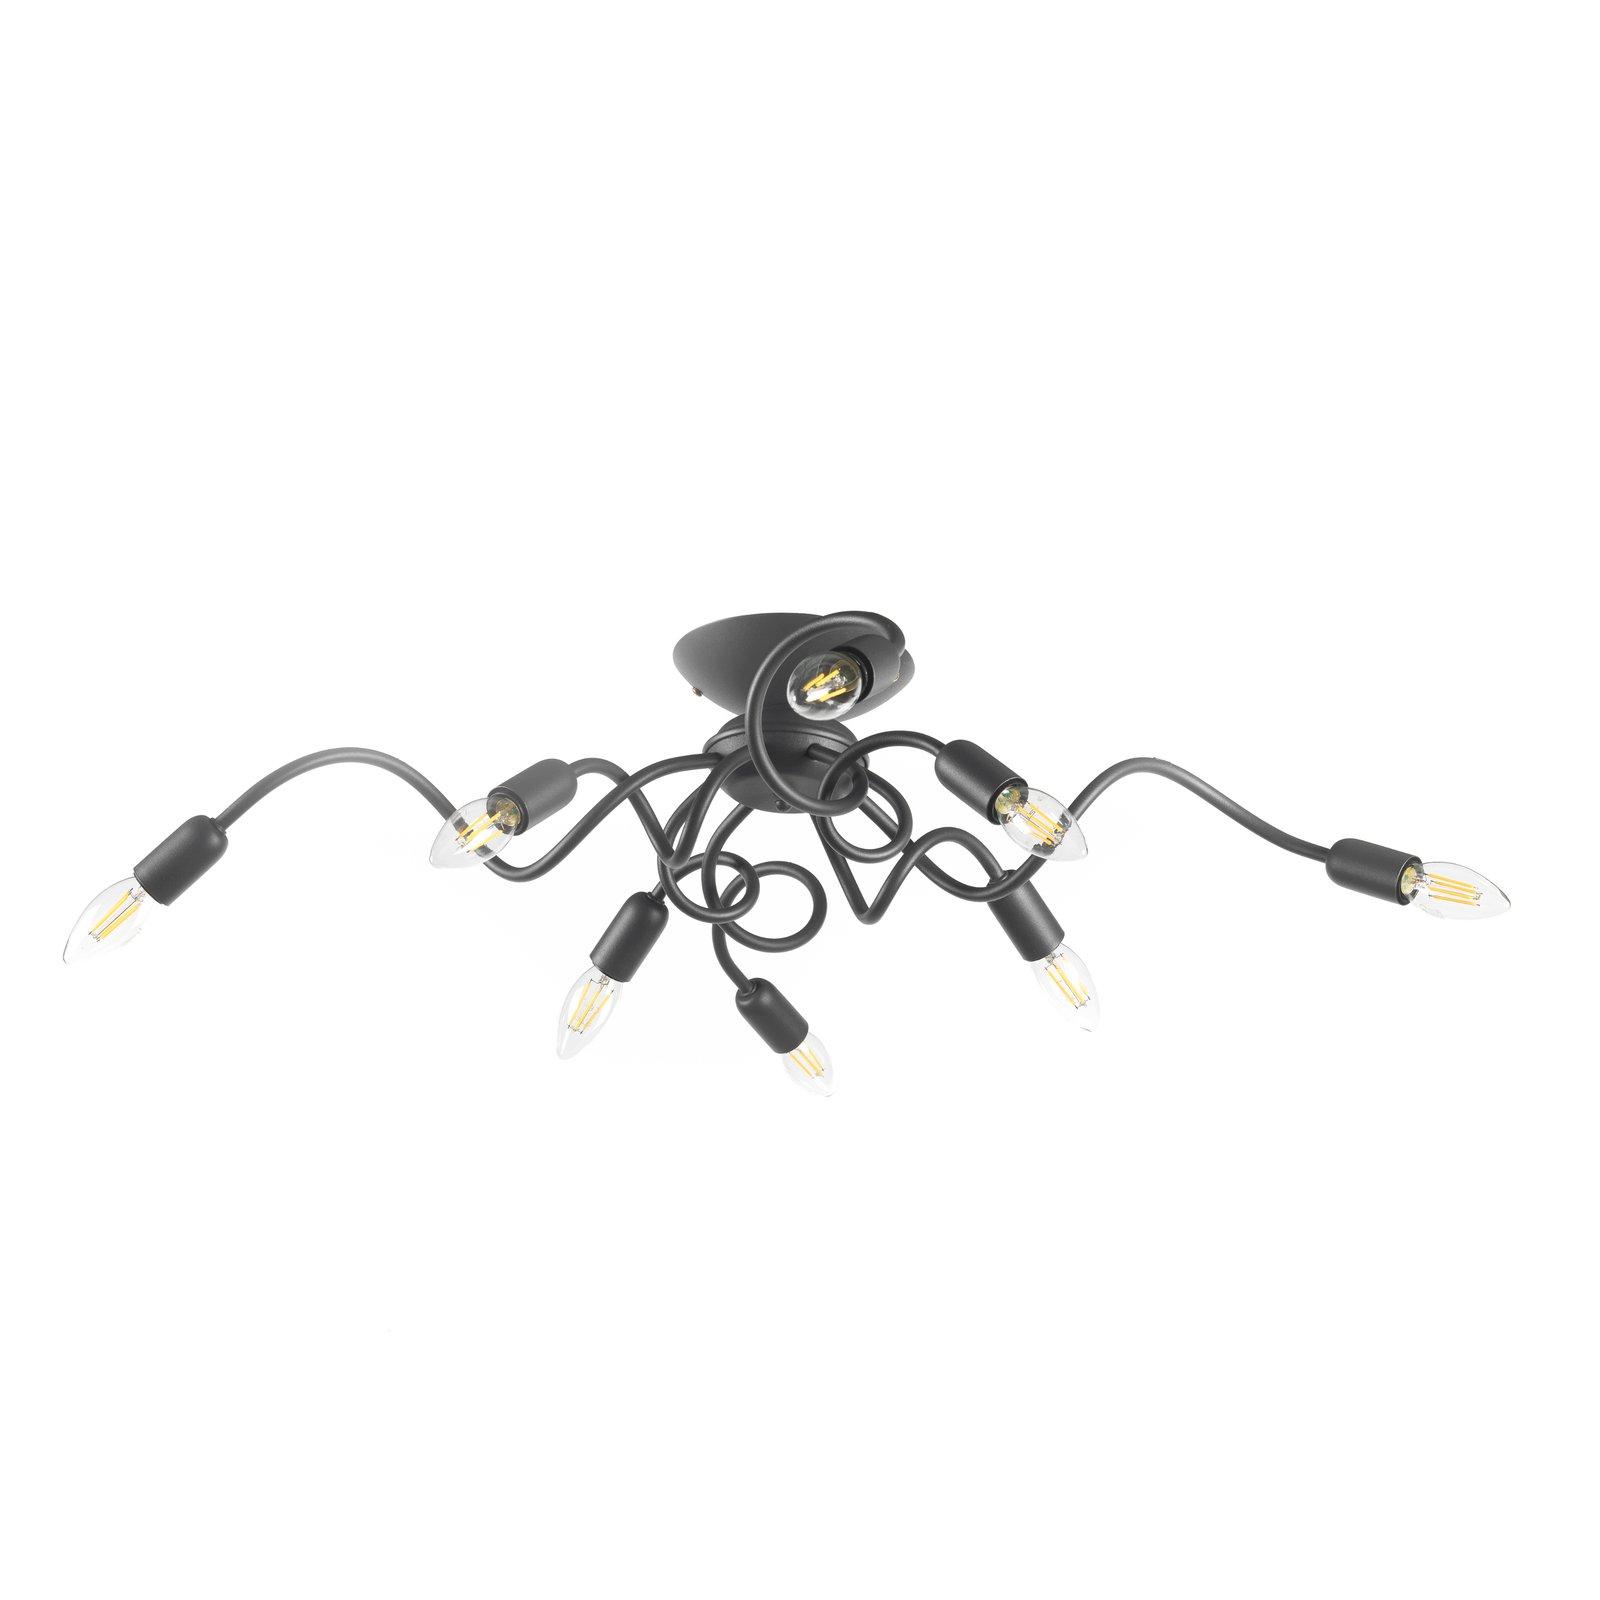 Taklampe Sebastian, åtte lyskilder, mørkegrå